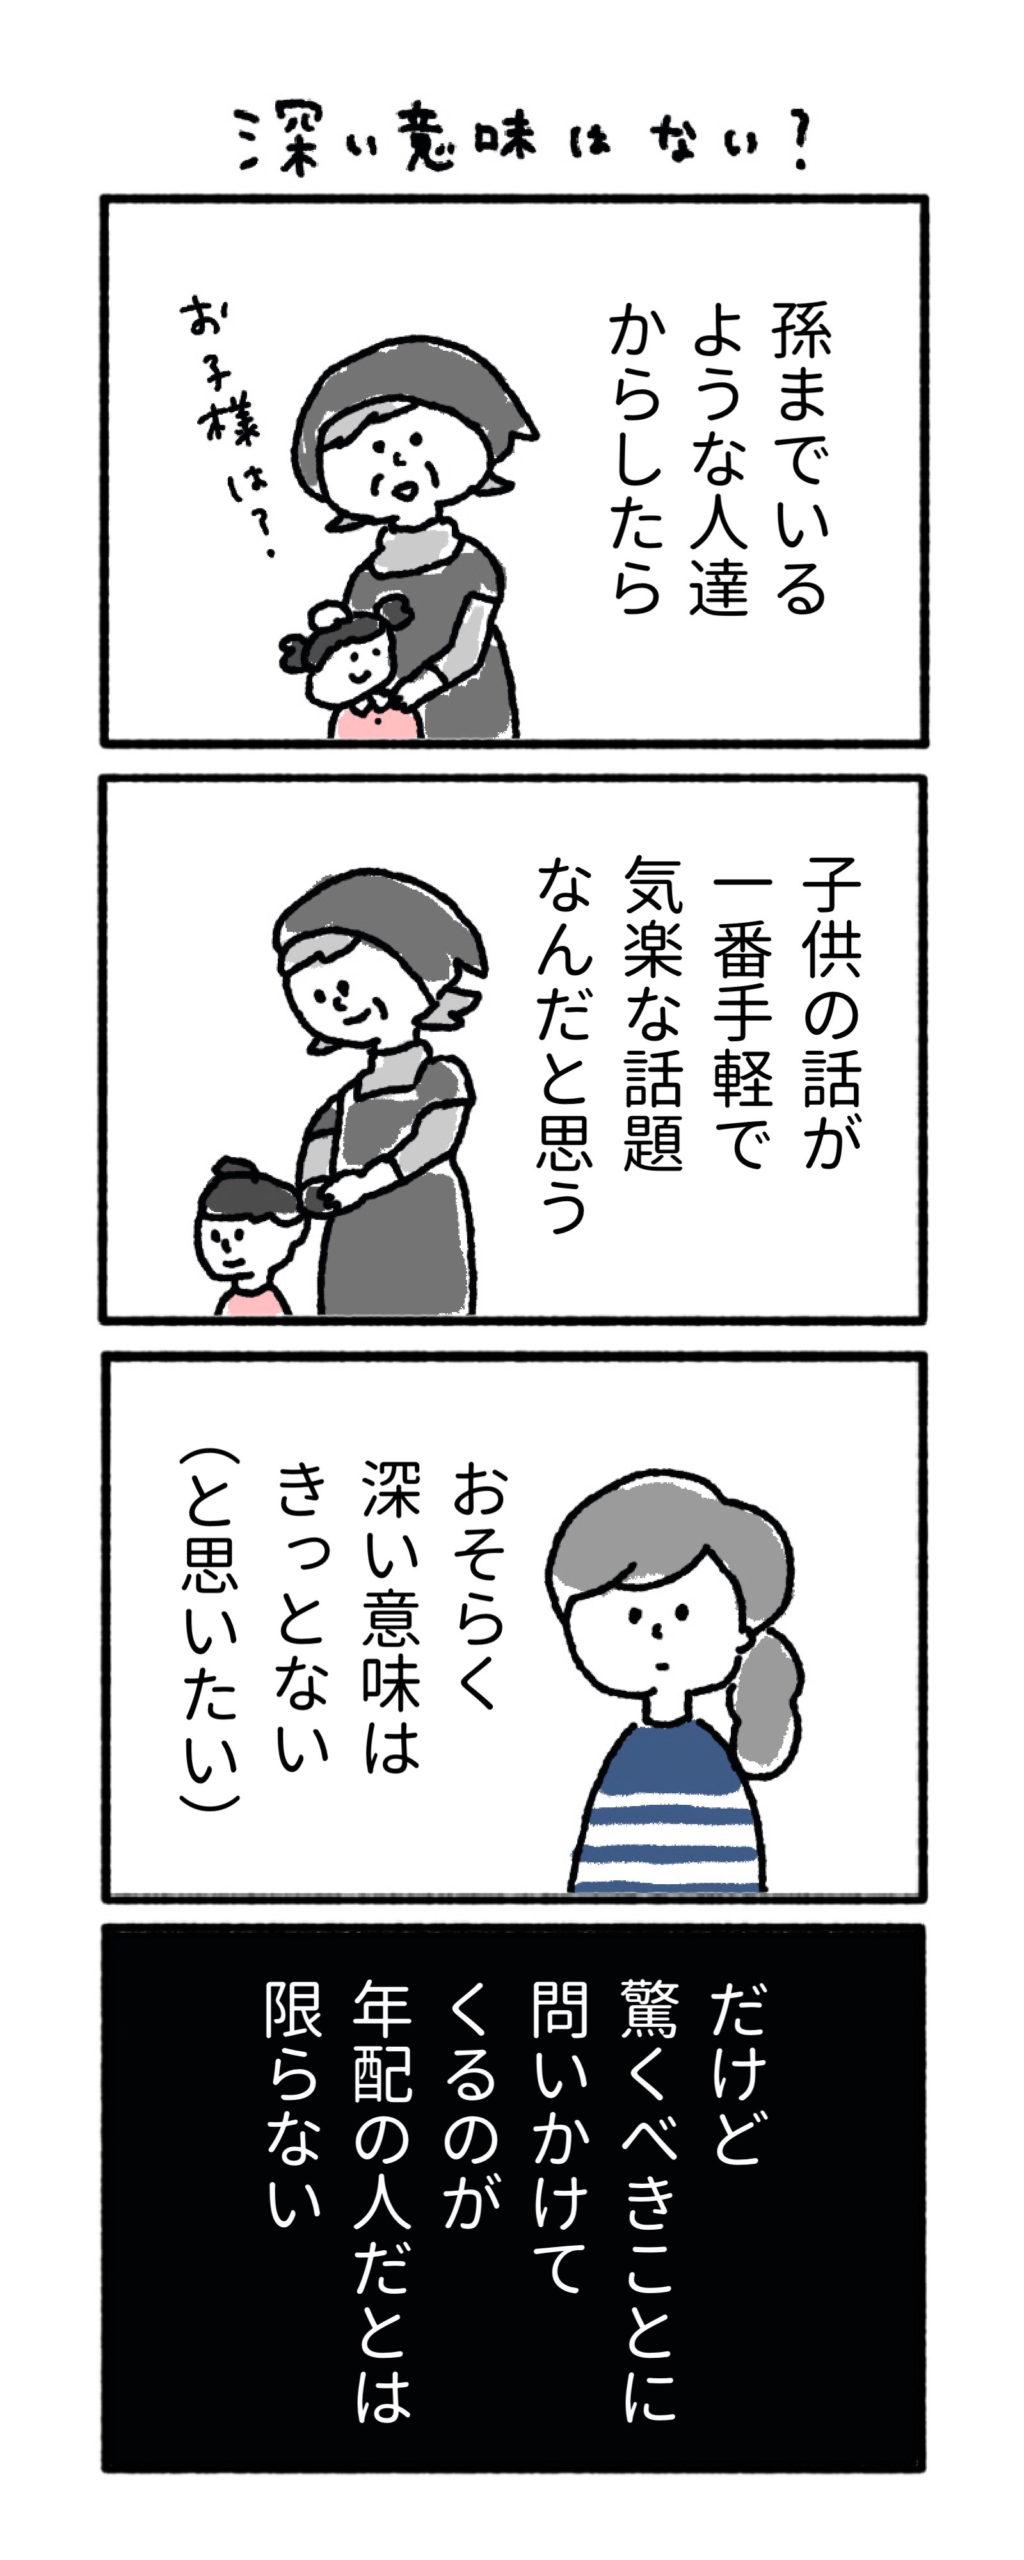 子供の話は一番手軽で深い意味はない?イラスト 漫画 四コママンガ 4こま いらすと かわいい アラサー 女子